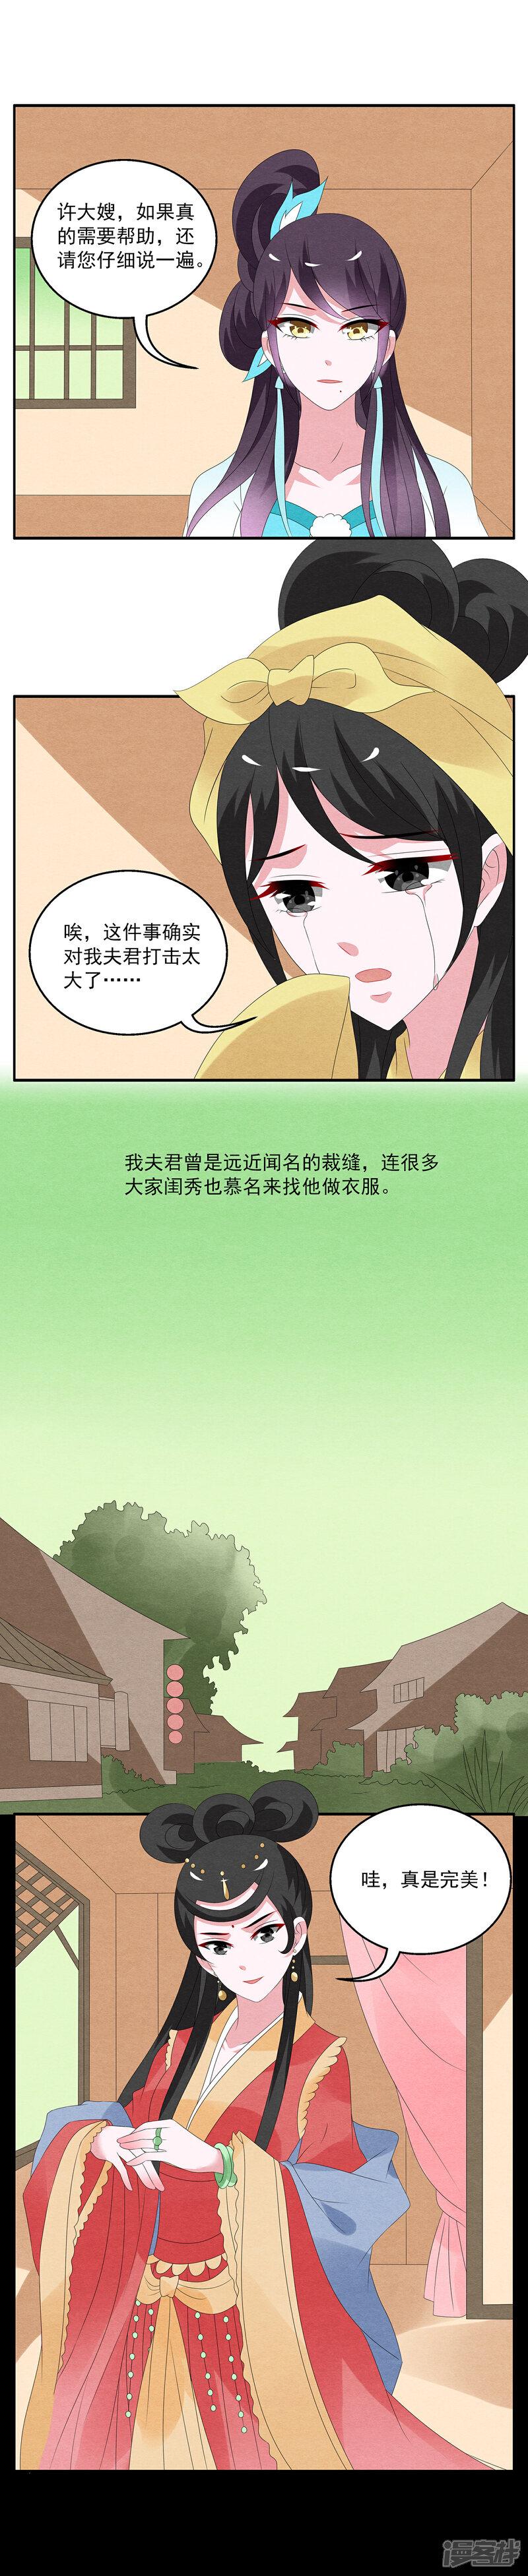 洛小妖120合并 (4).JPG